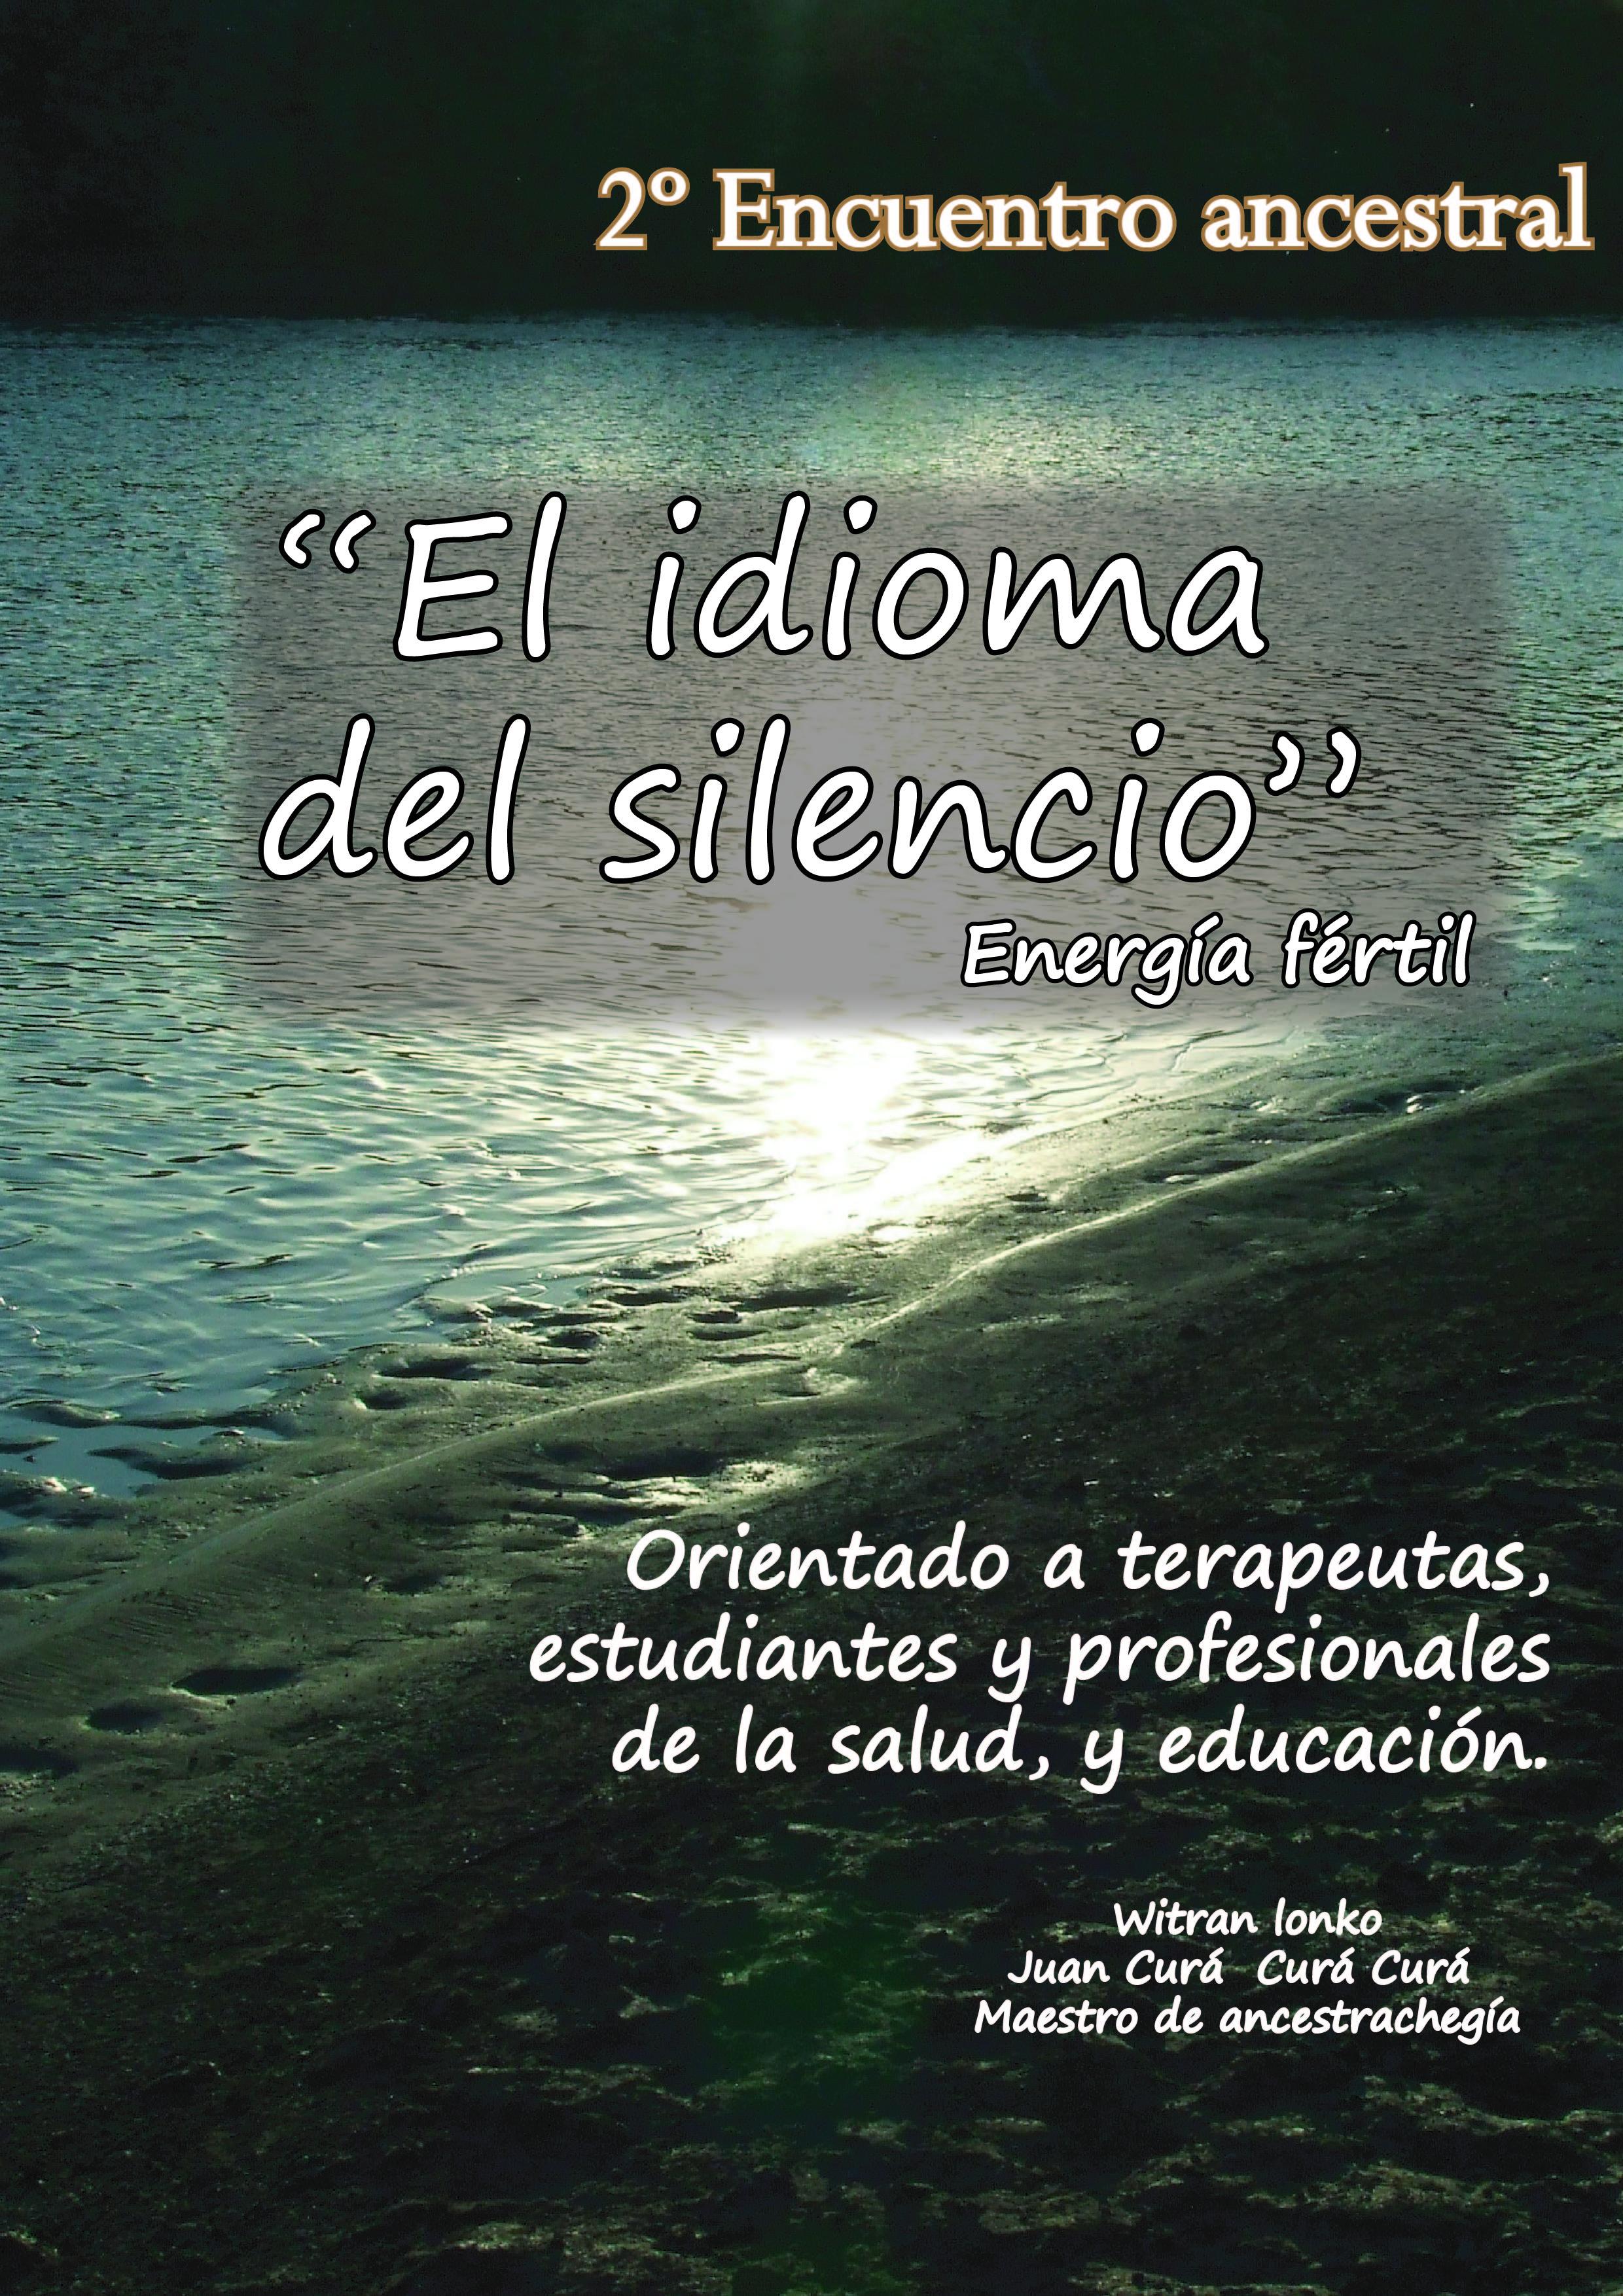 Encuentro ancestral - Idioma del silencio